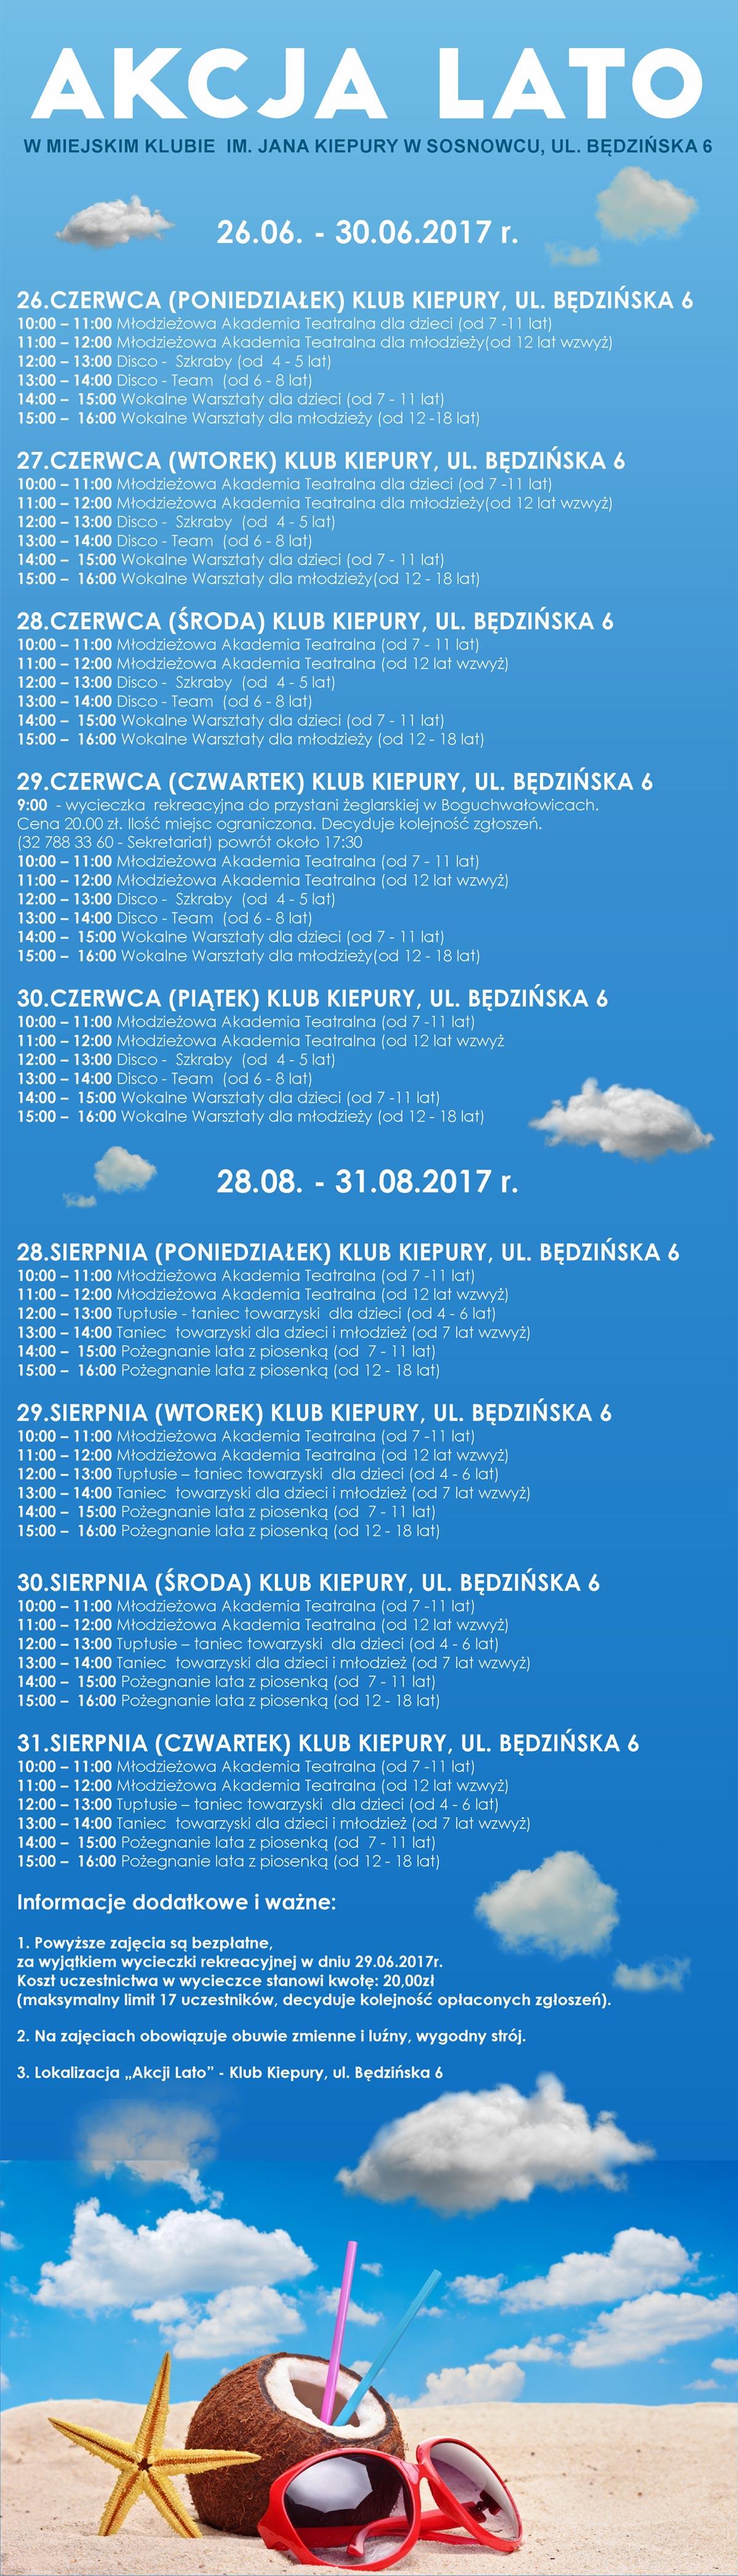 lato-kiepura-2017-program